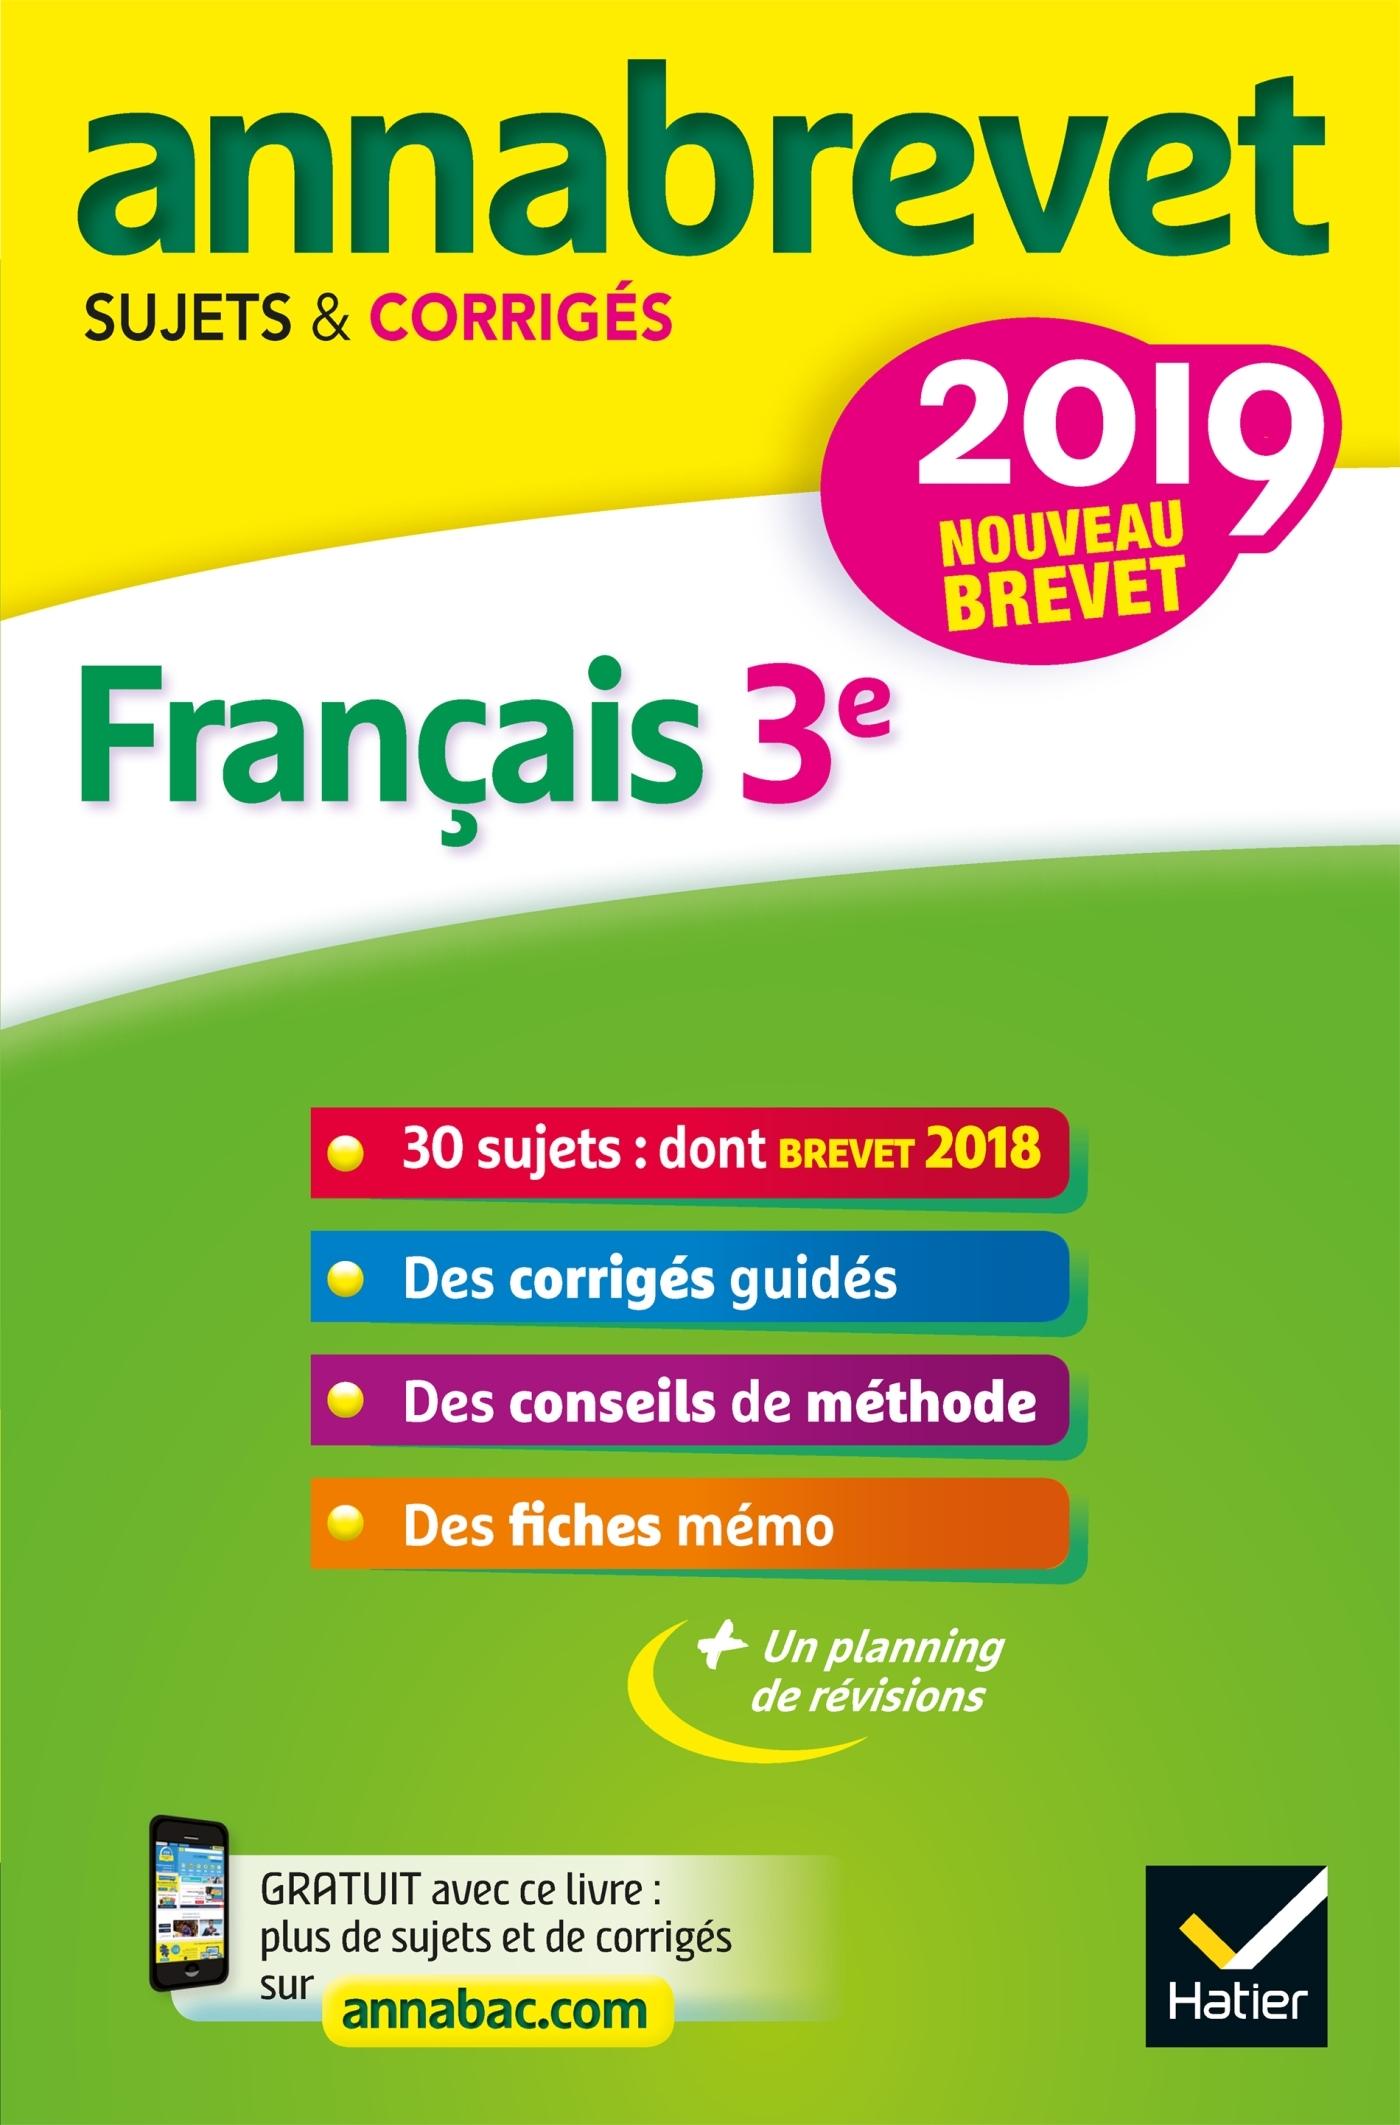 ANNALES DU BREVET ANNABREVET 2019 FRANCAIS 3E - 26 SUJETS CORRIGES (QUESTIONS, DICTEE, REDACTION)